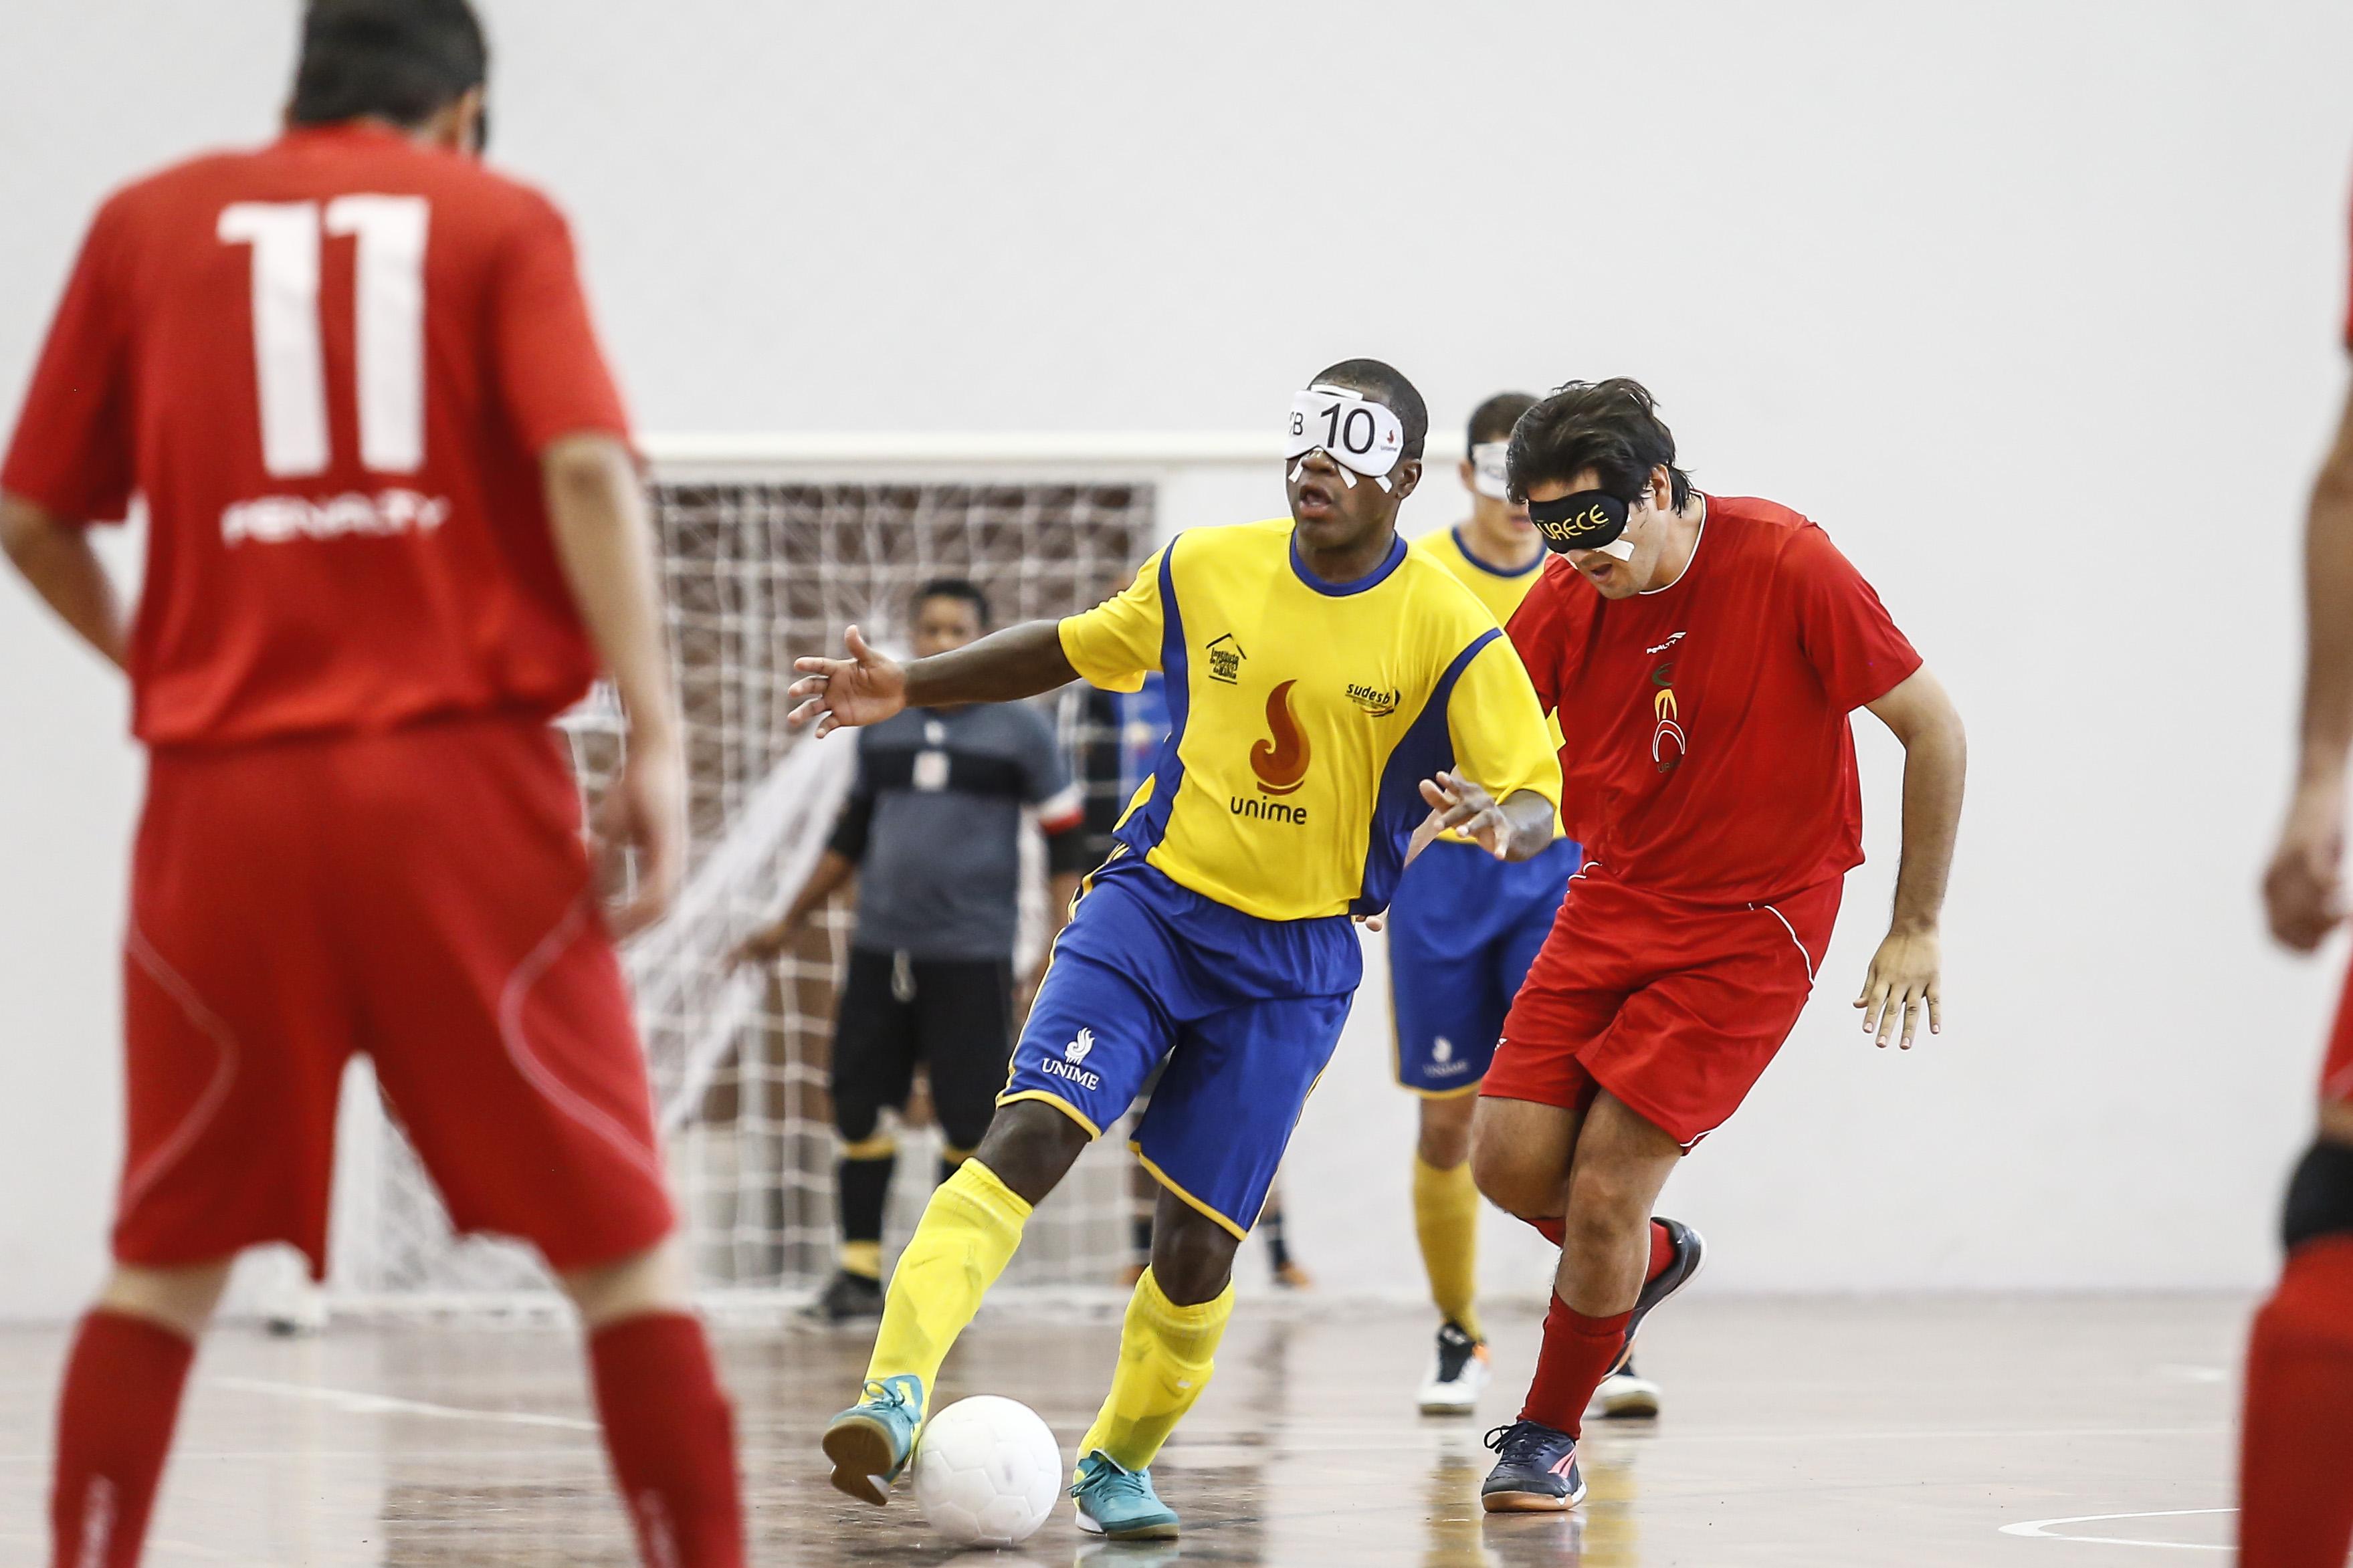 Copa Loterias Caixa de futebol de cegos será realizada de 3 a 8 de outubro  na capital baiana com 12 equipes de nove Estados e670a724e8a6e